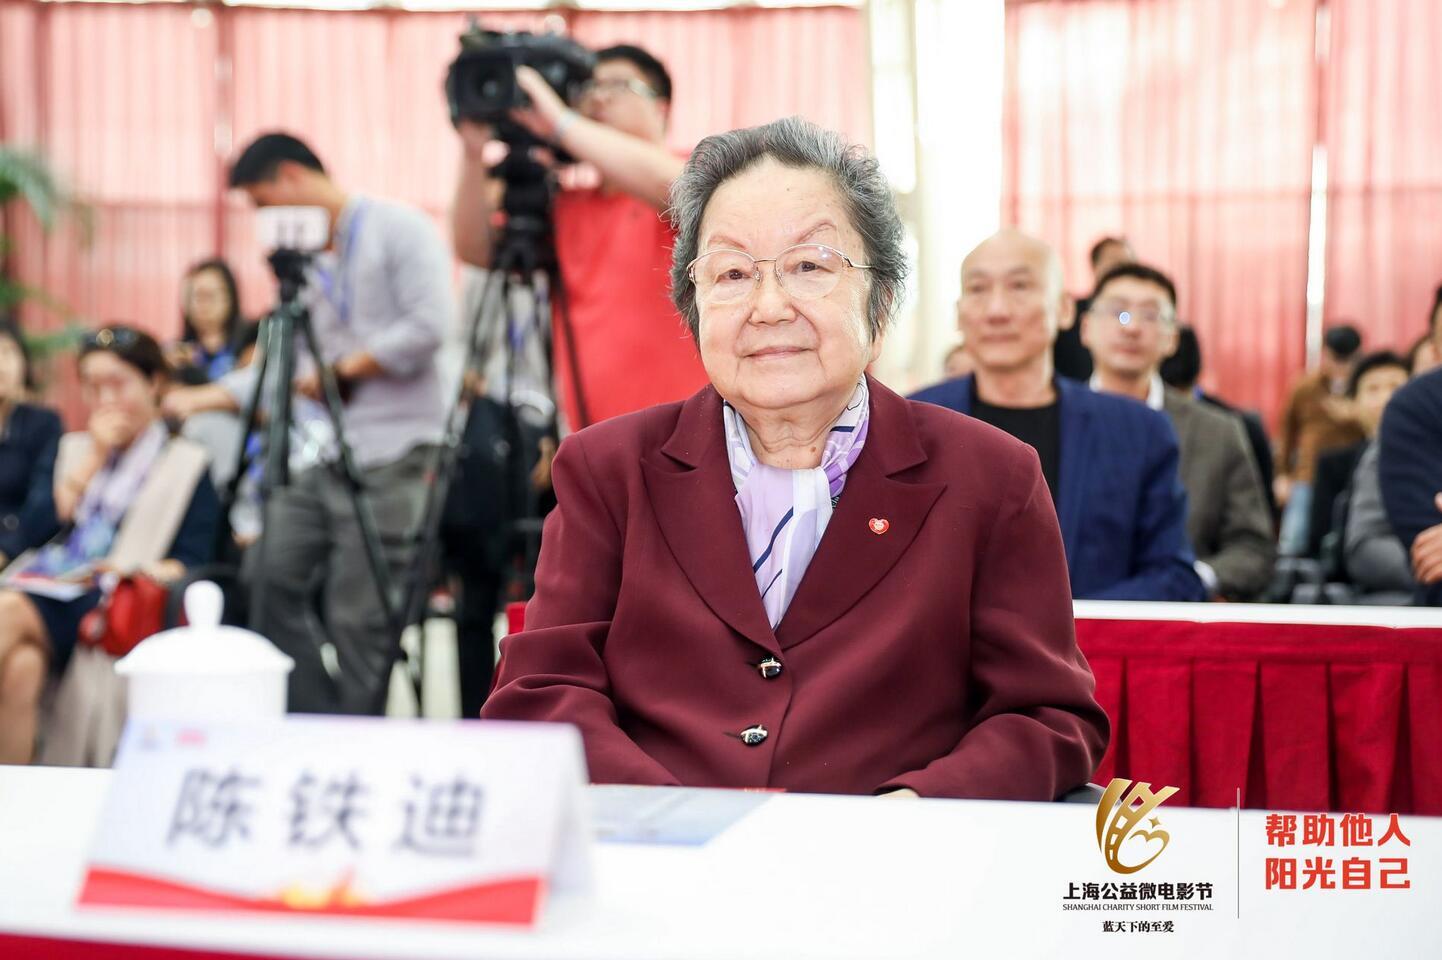 上海市慈善基金会名誉理事长陈铁迪